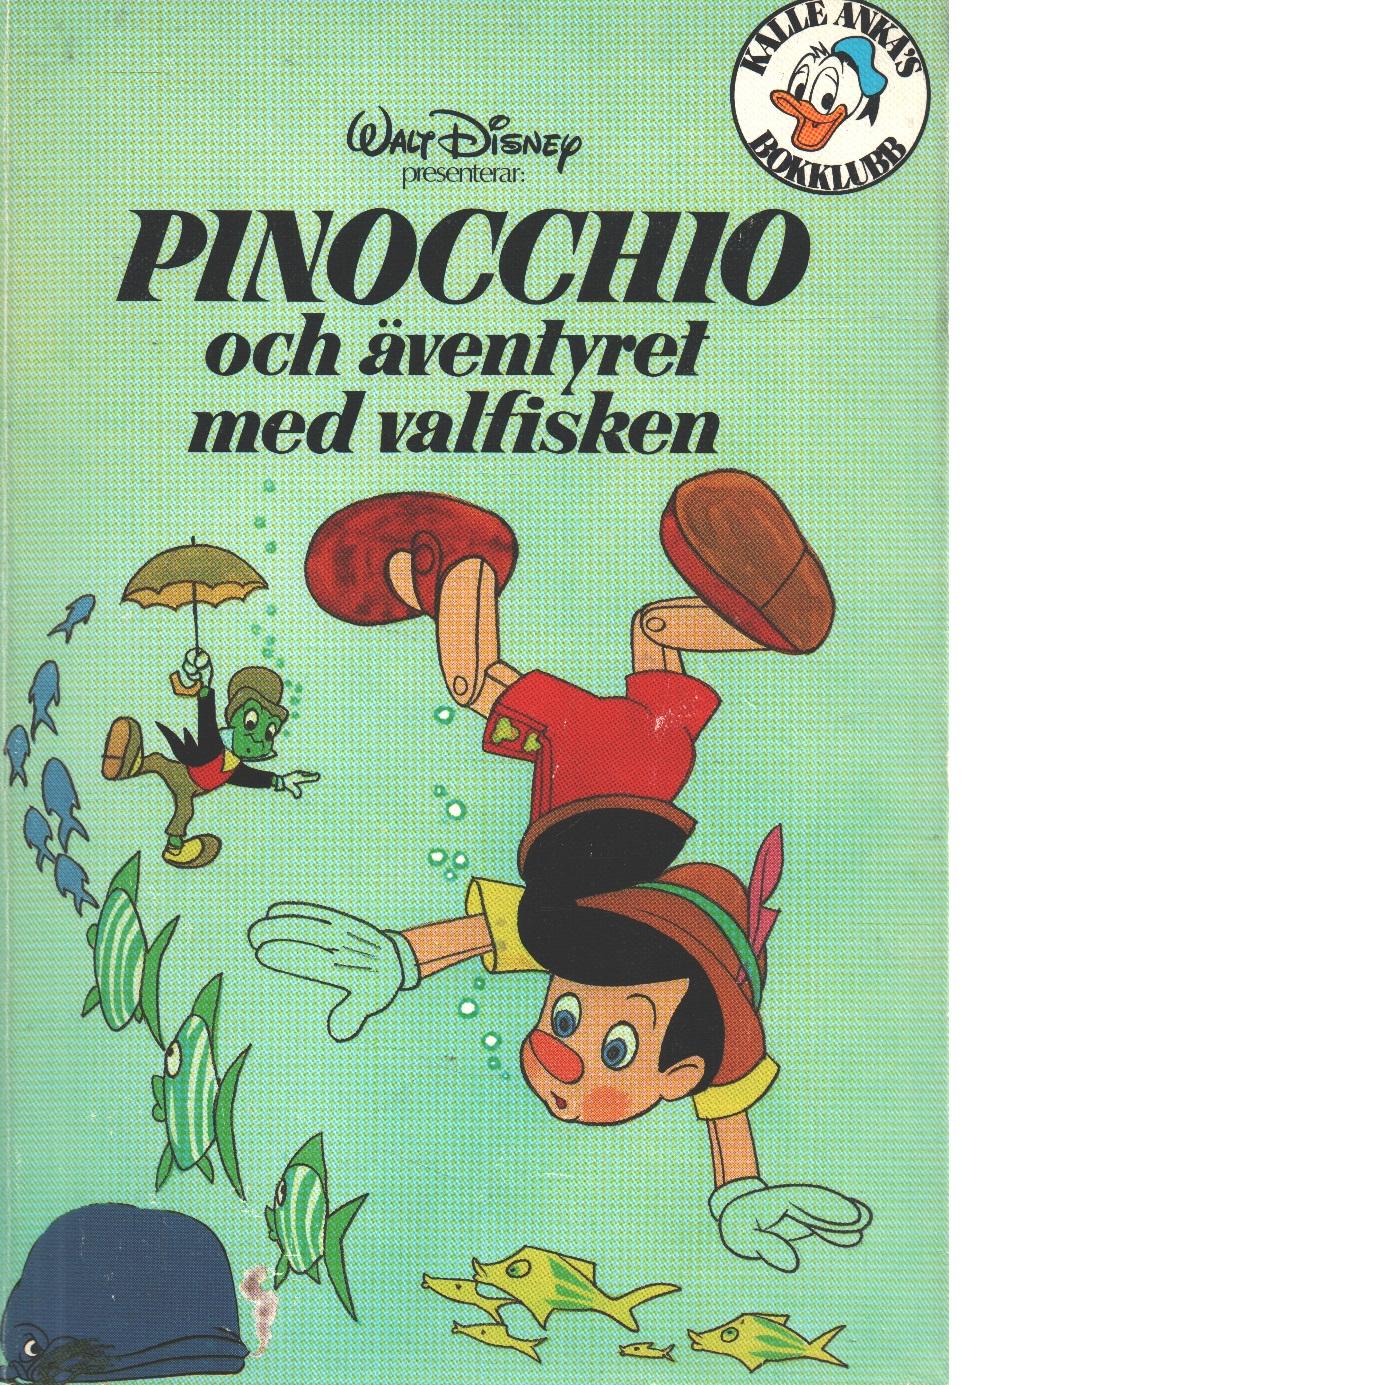 Pinocchio och äventyret med valfisken. - Red.